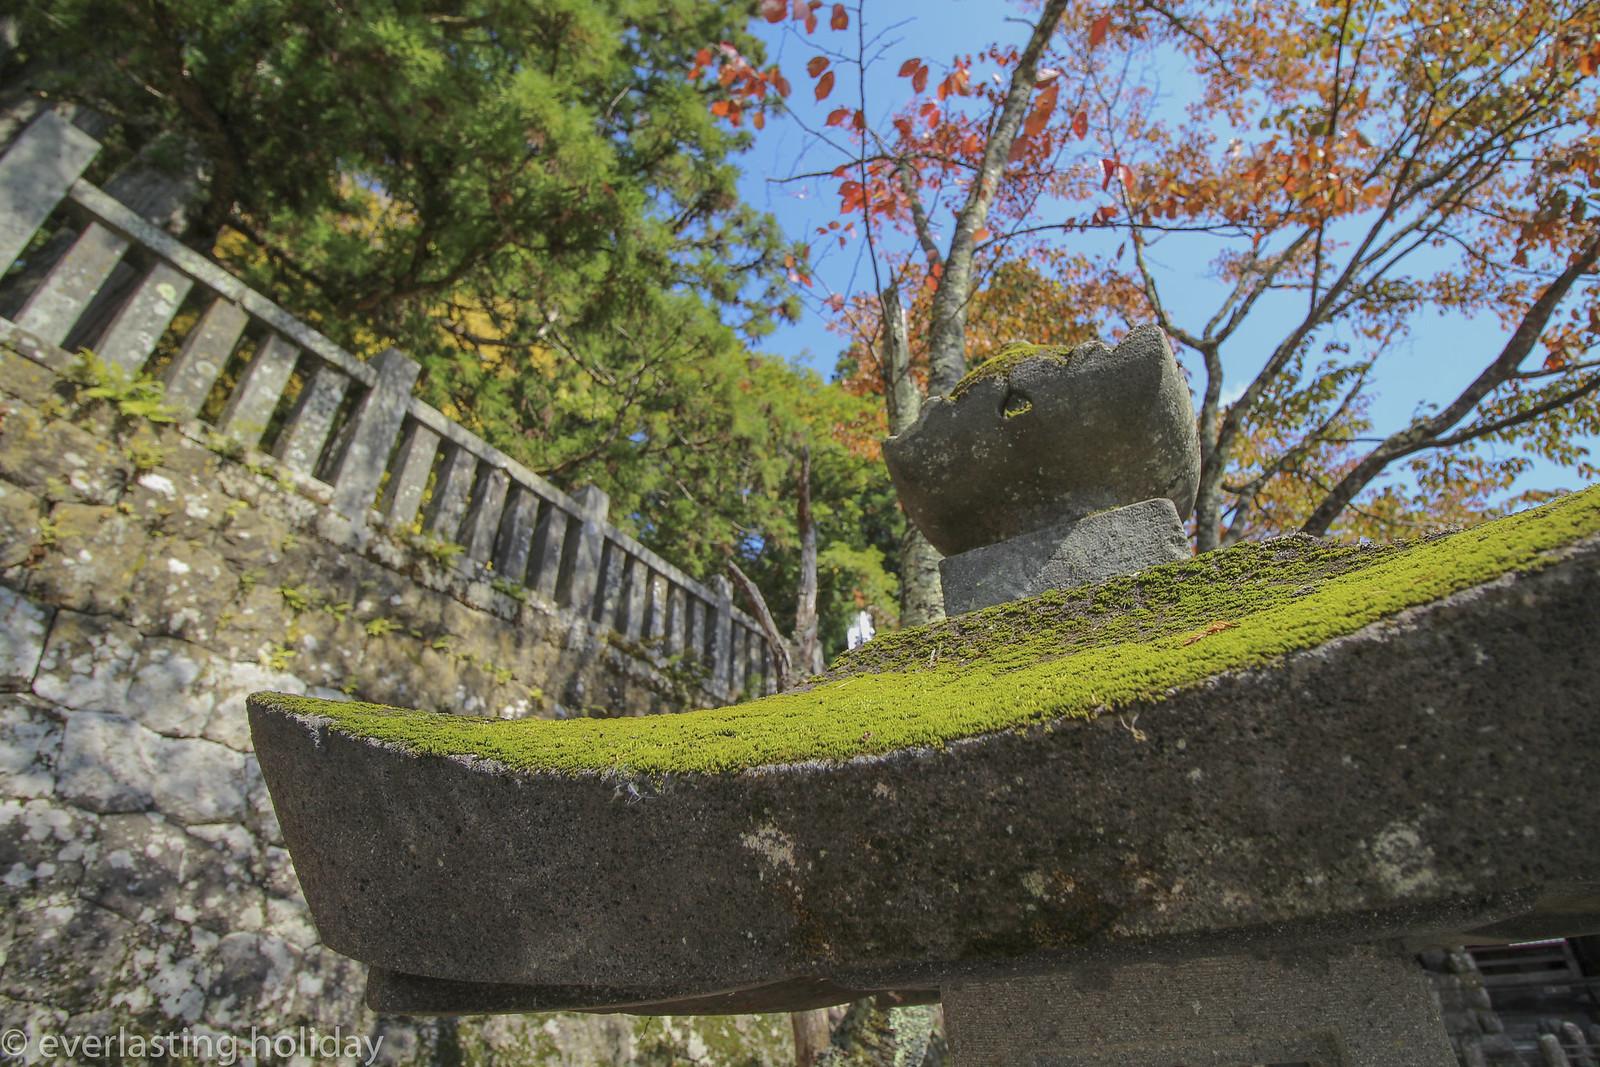 戸隠神社 Togakushi-jinja Shrine-0009